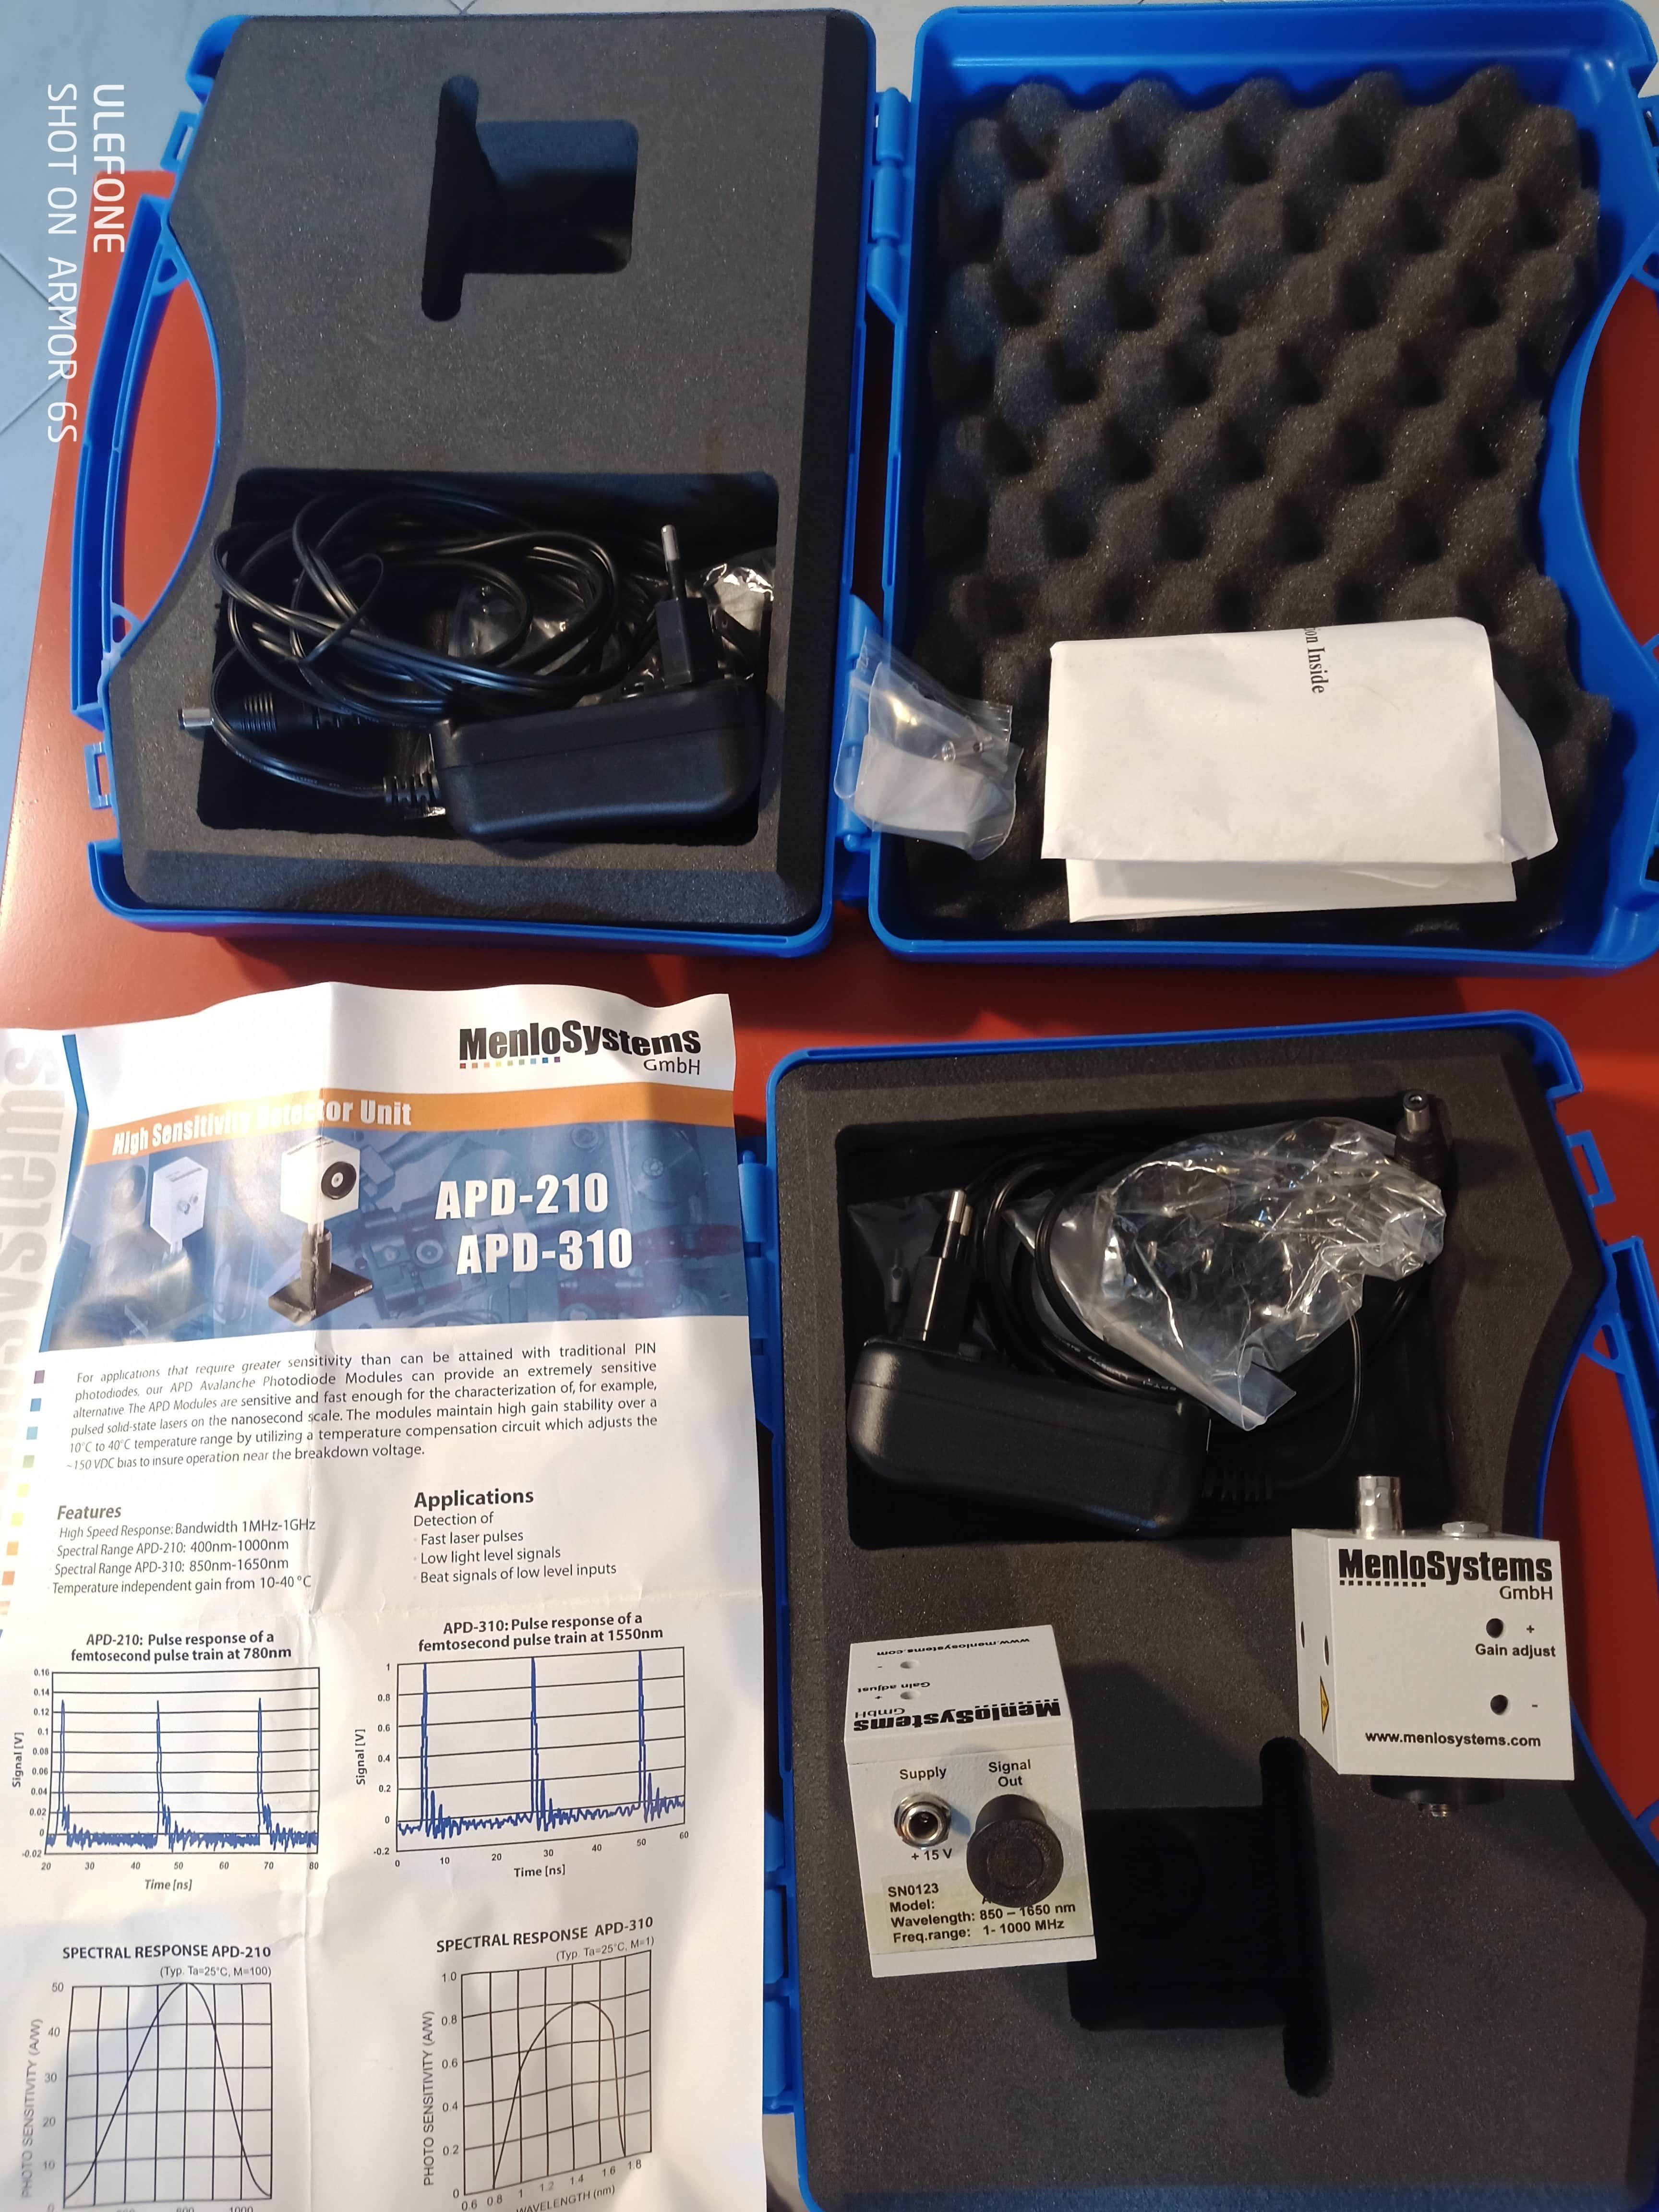 APD MenloSystem APD 310 + conn kit